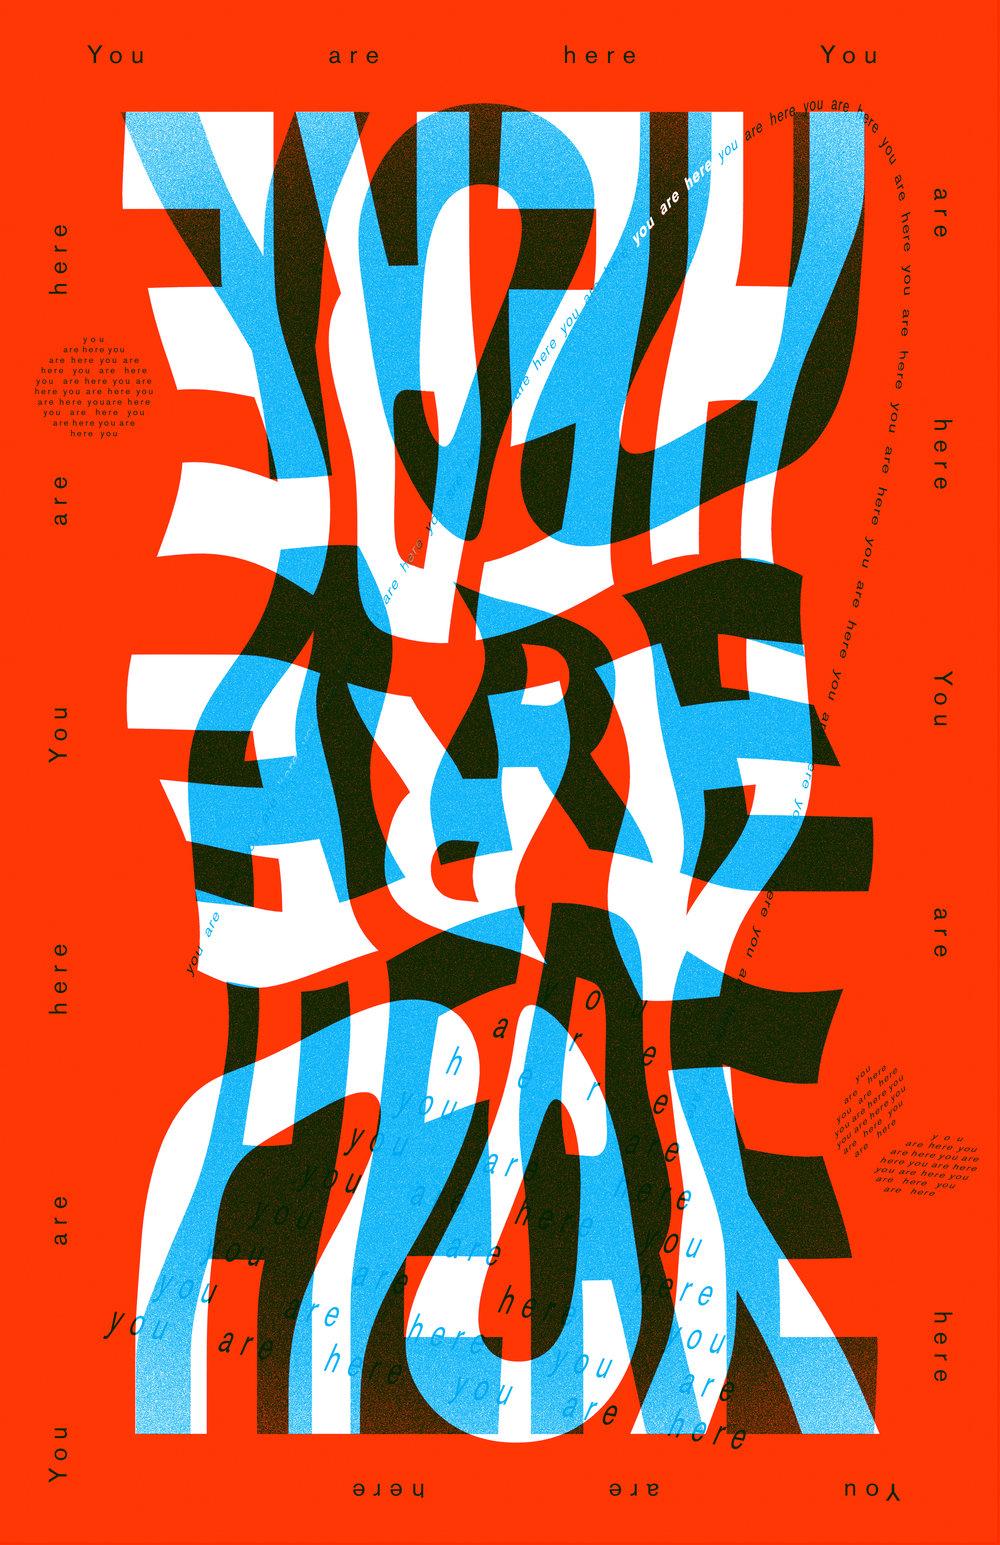 YAH Cyan and Orange, by Juan Pablo Rahaljpg.jpg